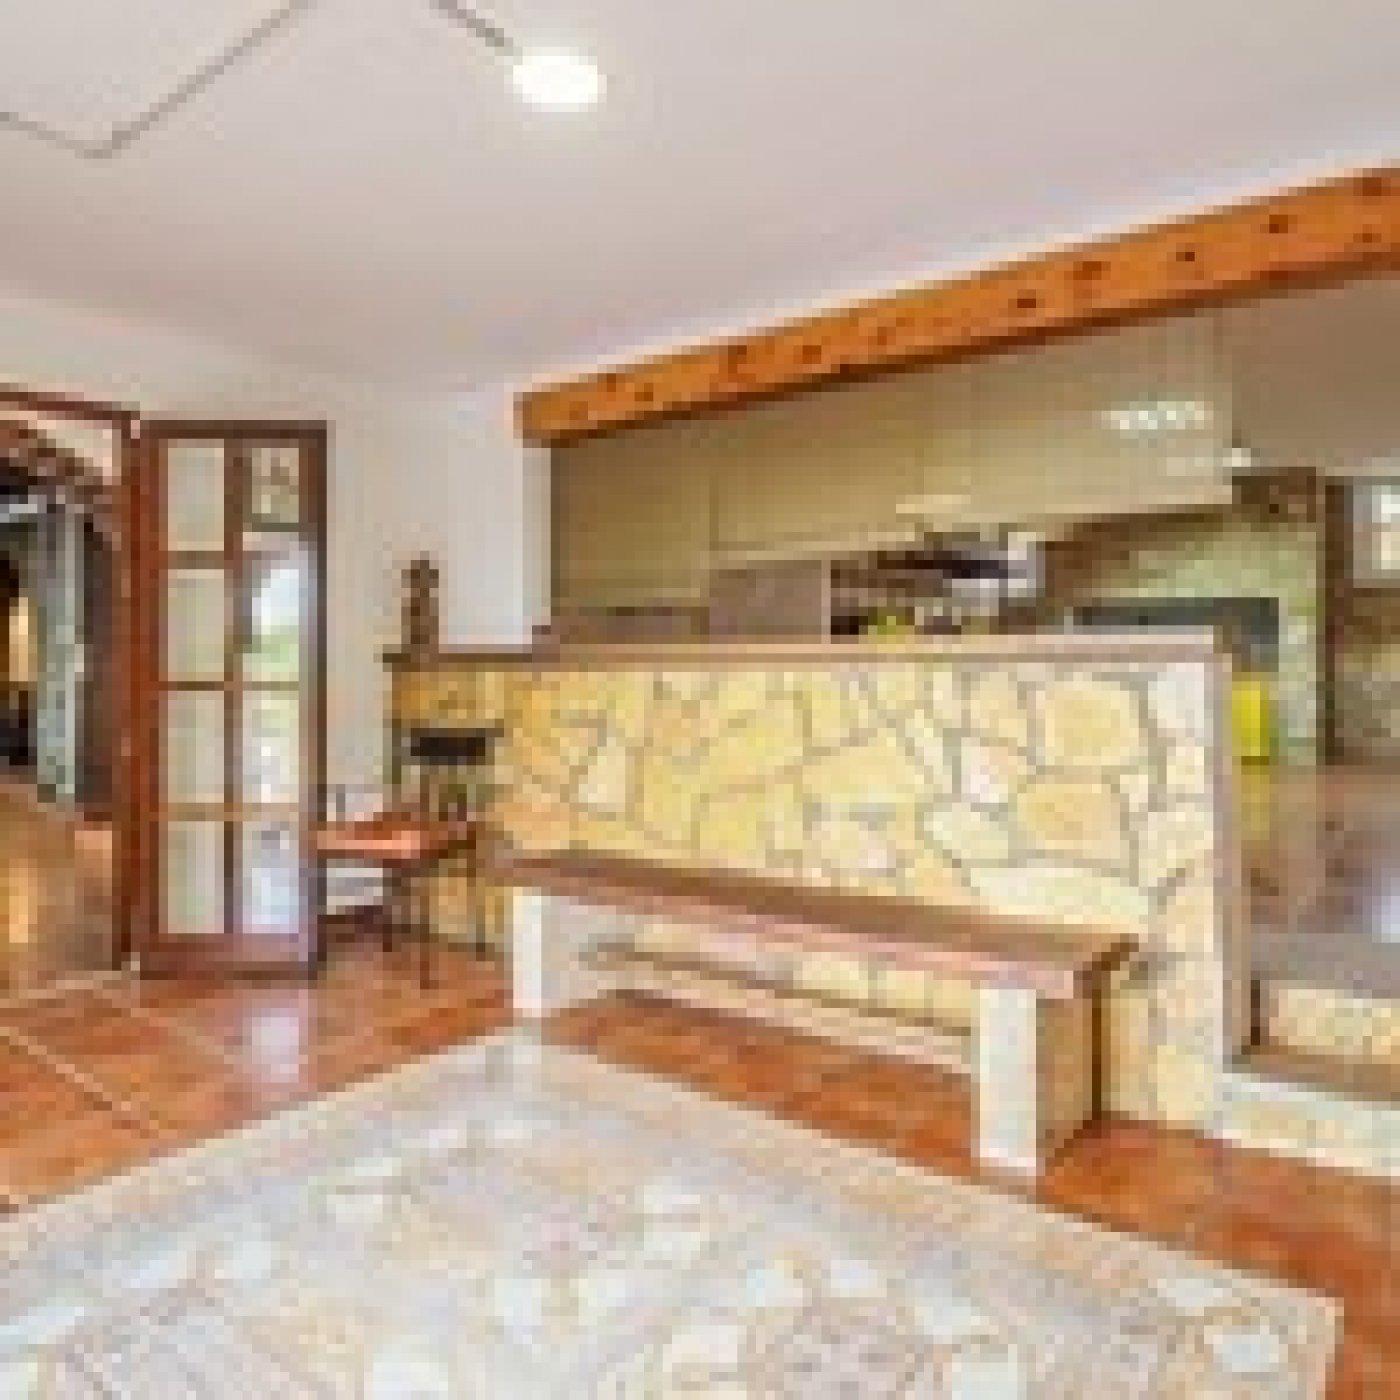 Fantastica masia en venta!! - imagenInmueble6